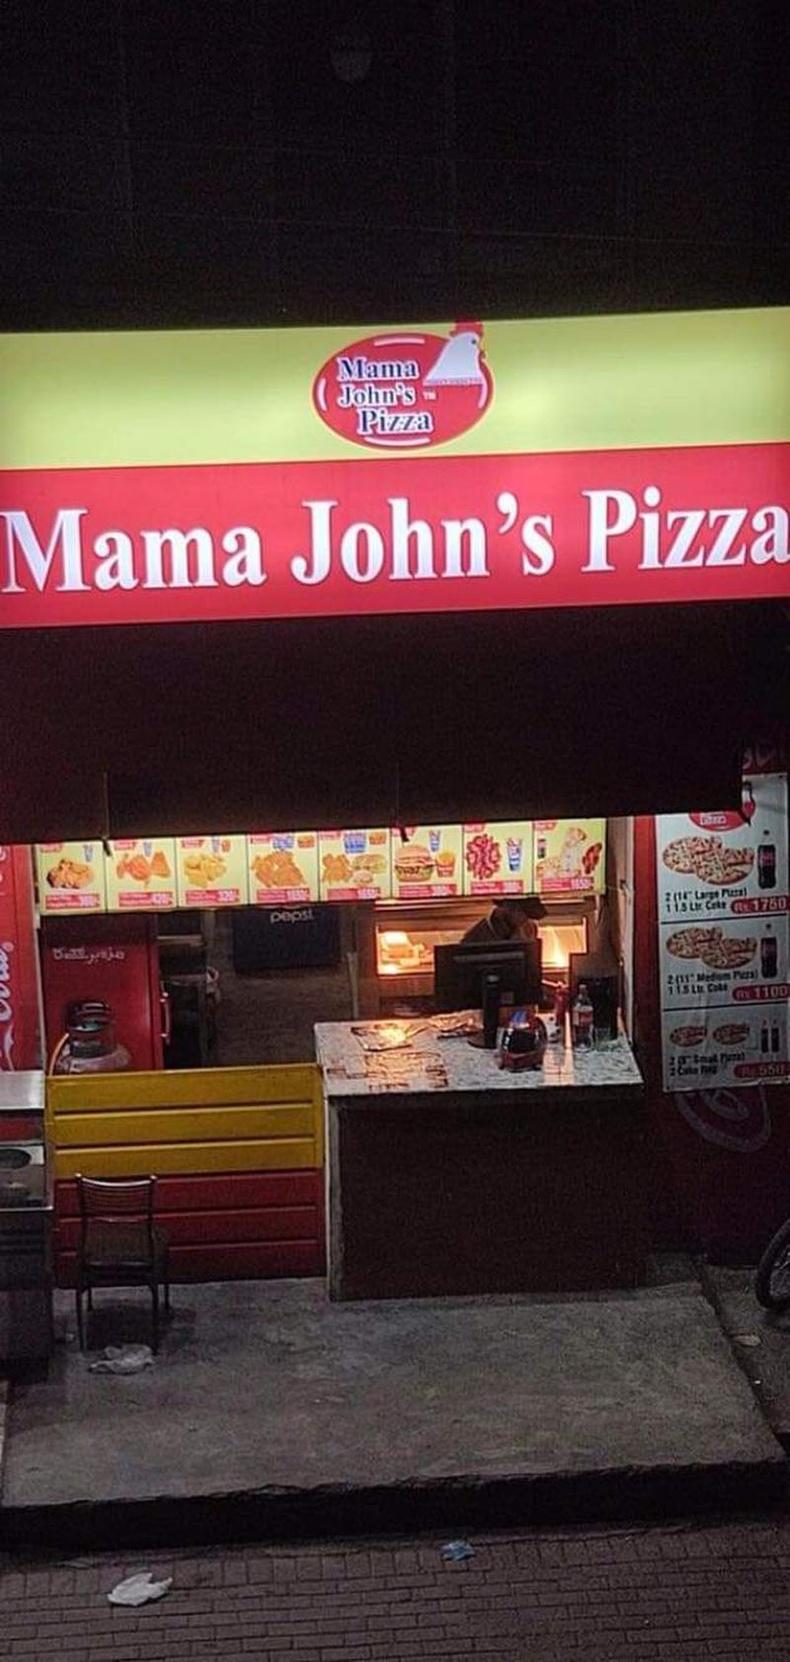 Papa Johns-ийн бизнесийг өөрчилсөн нь